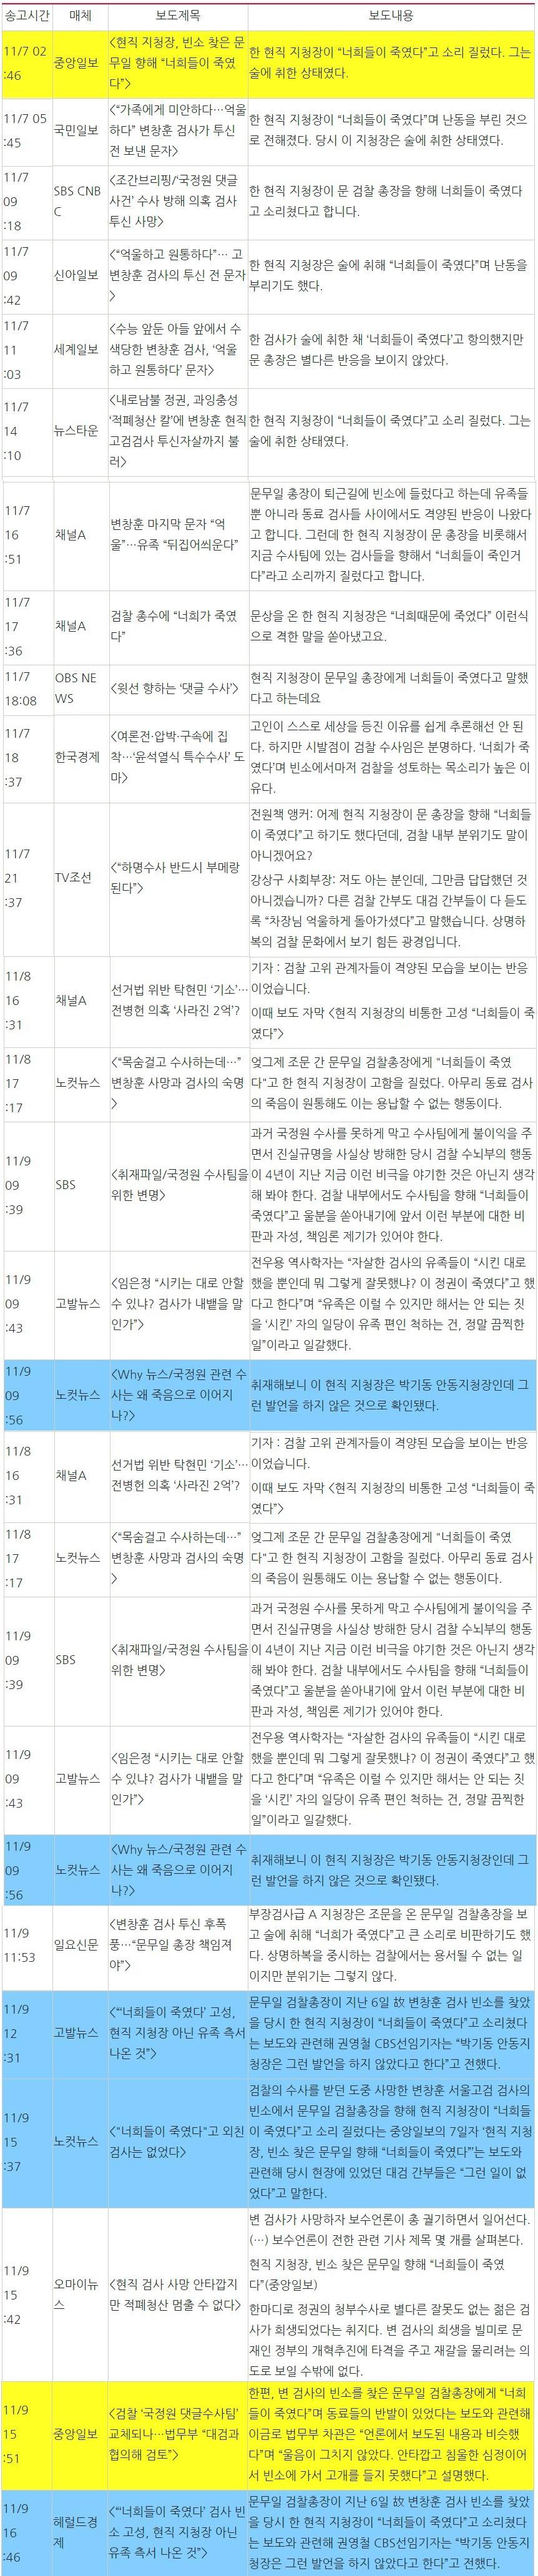 중앙일보 오보를 받거나 검증한 매체 목록(11/7~11/9) ⓒ민주언론시민연합